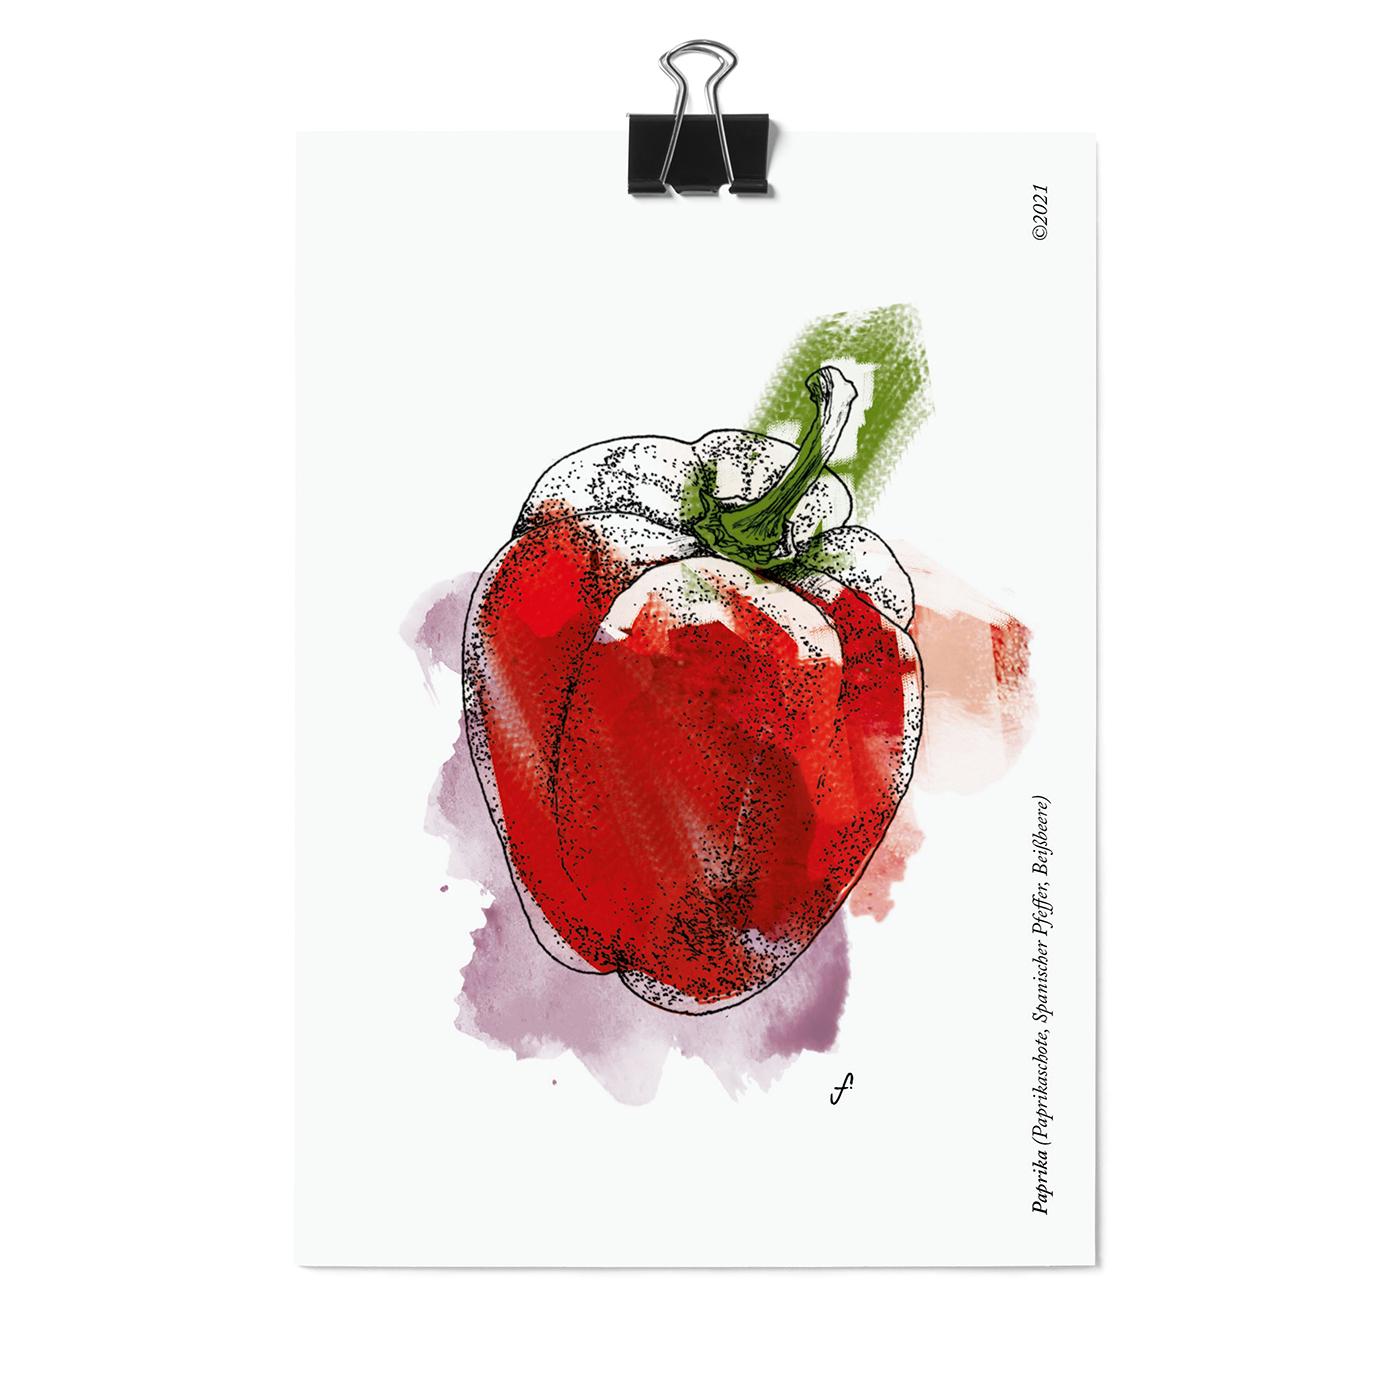 Postkartenset, 16 Obst und Gemüse Postkarten